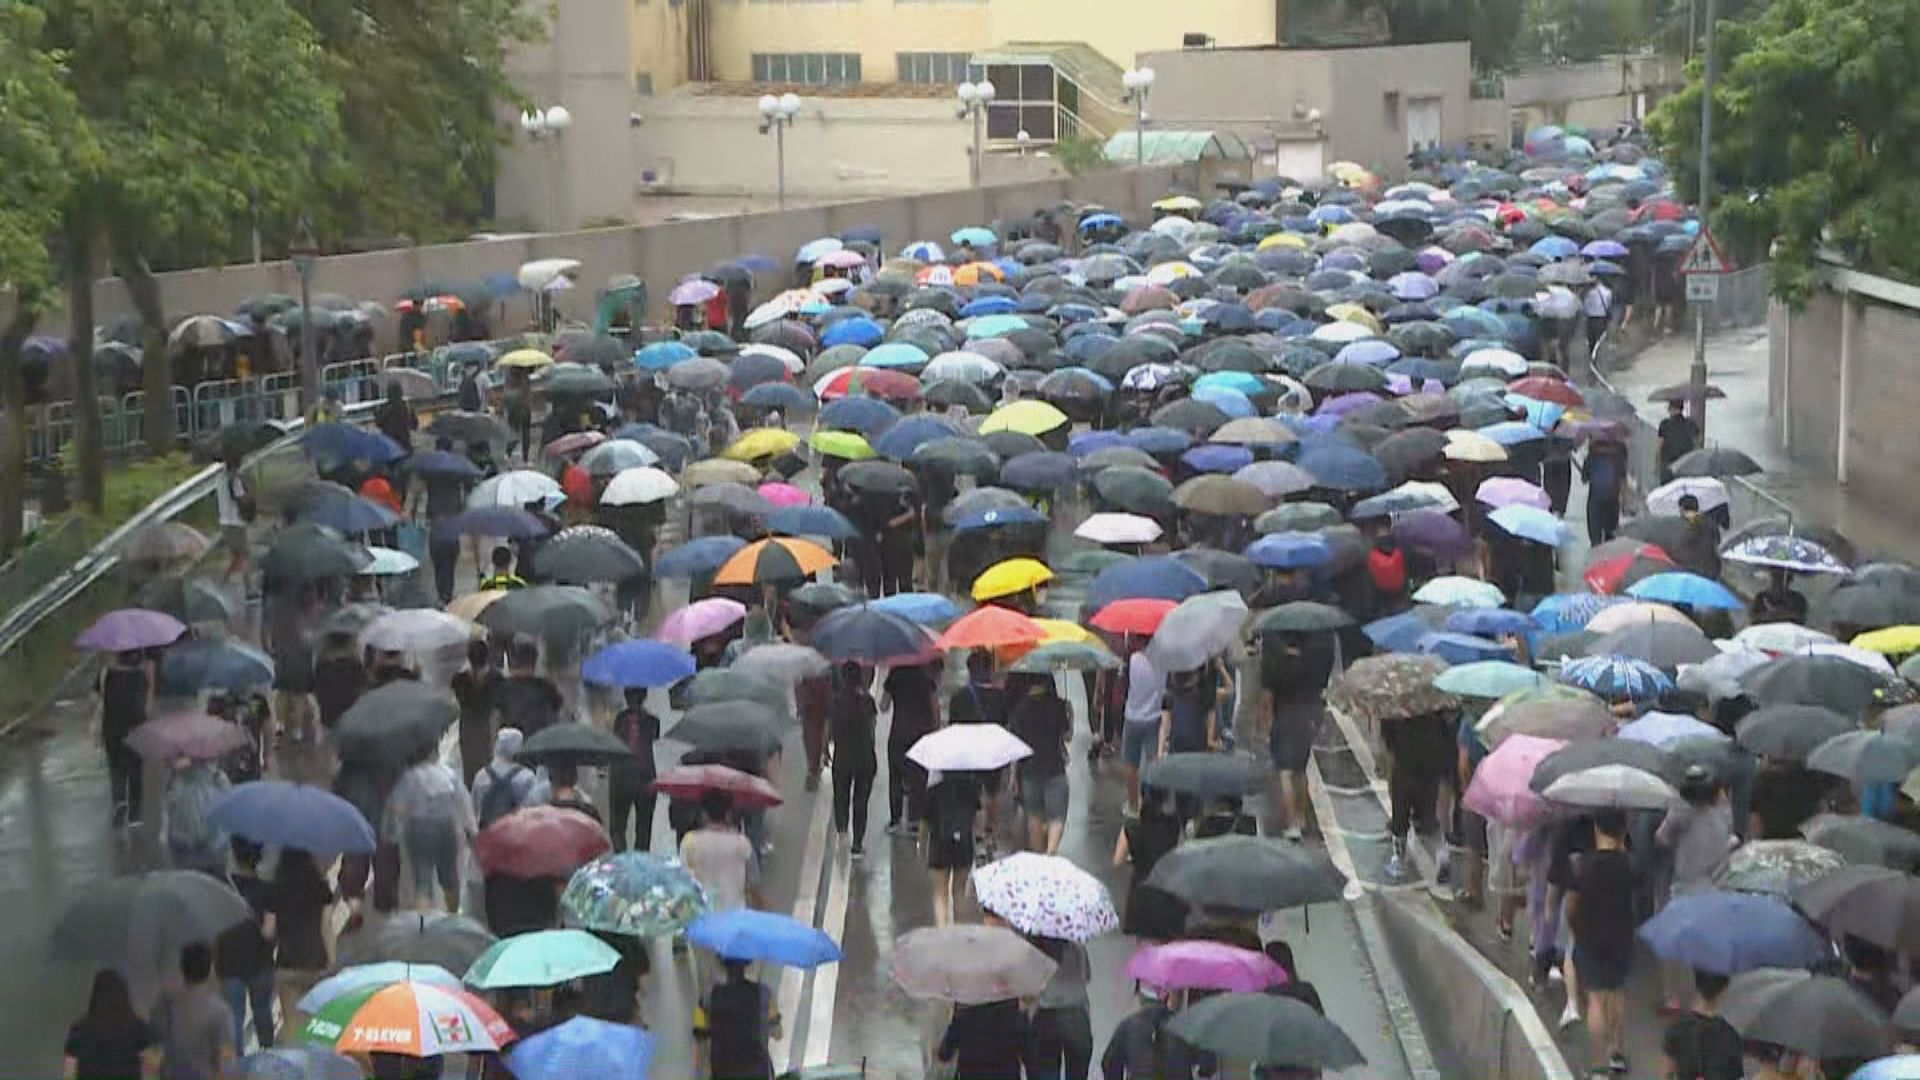 九龍遊行佔據彌敦道 旺角警署外放催淚彈